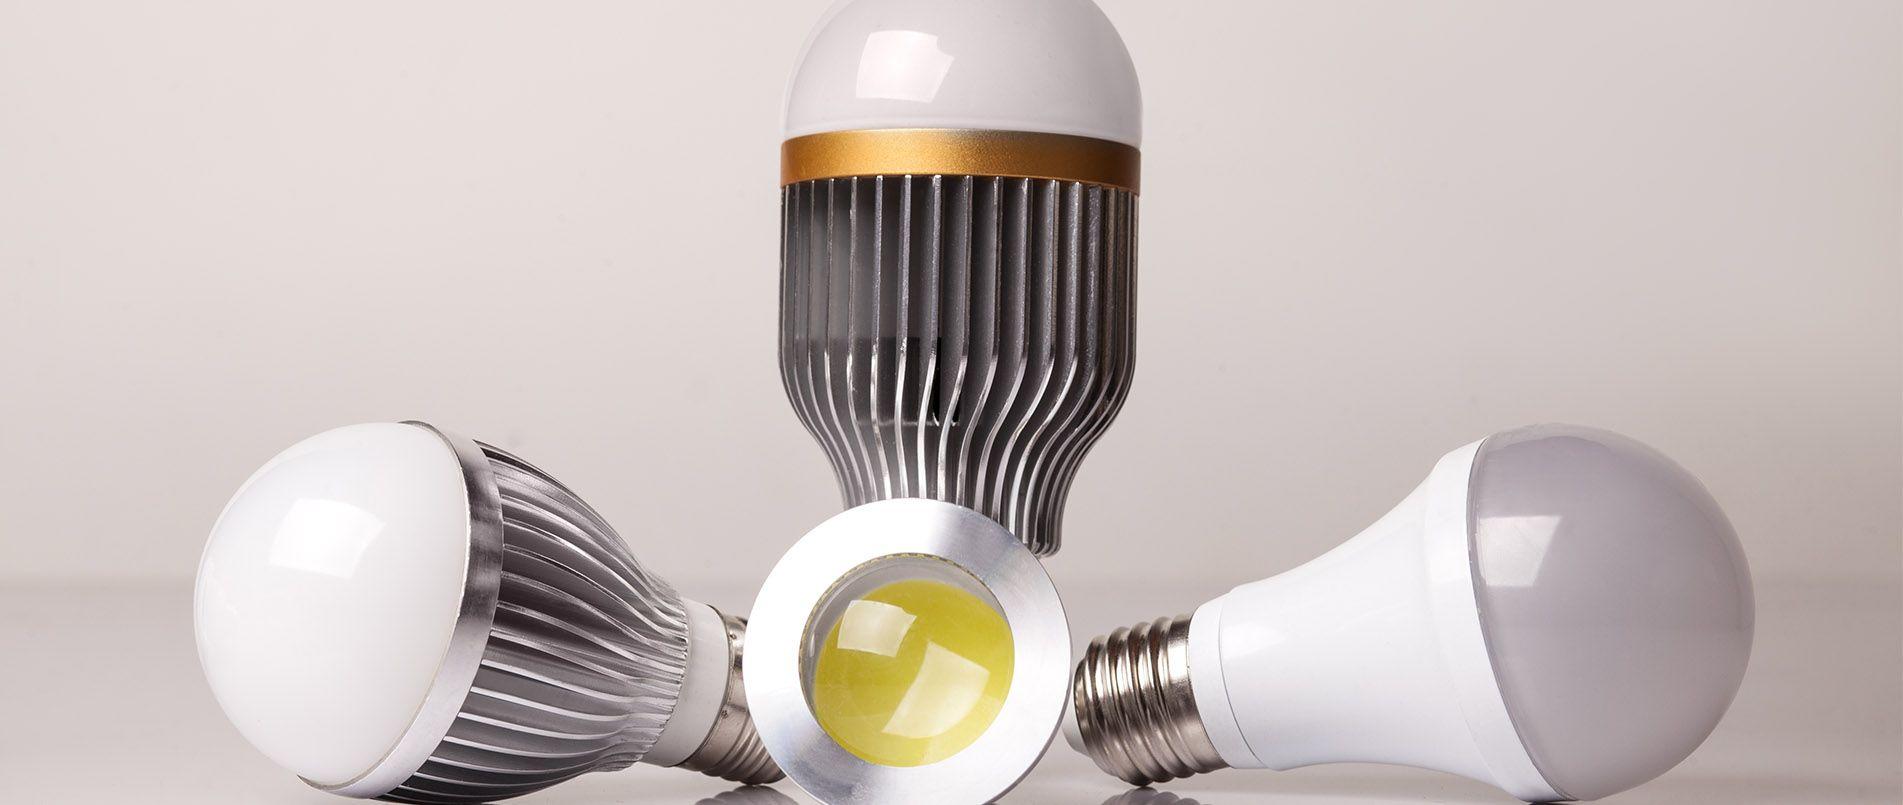 Foto de Instalaciones eléctricas y ahorro energía